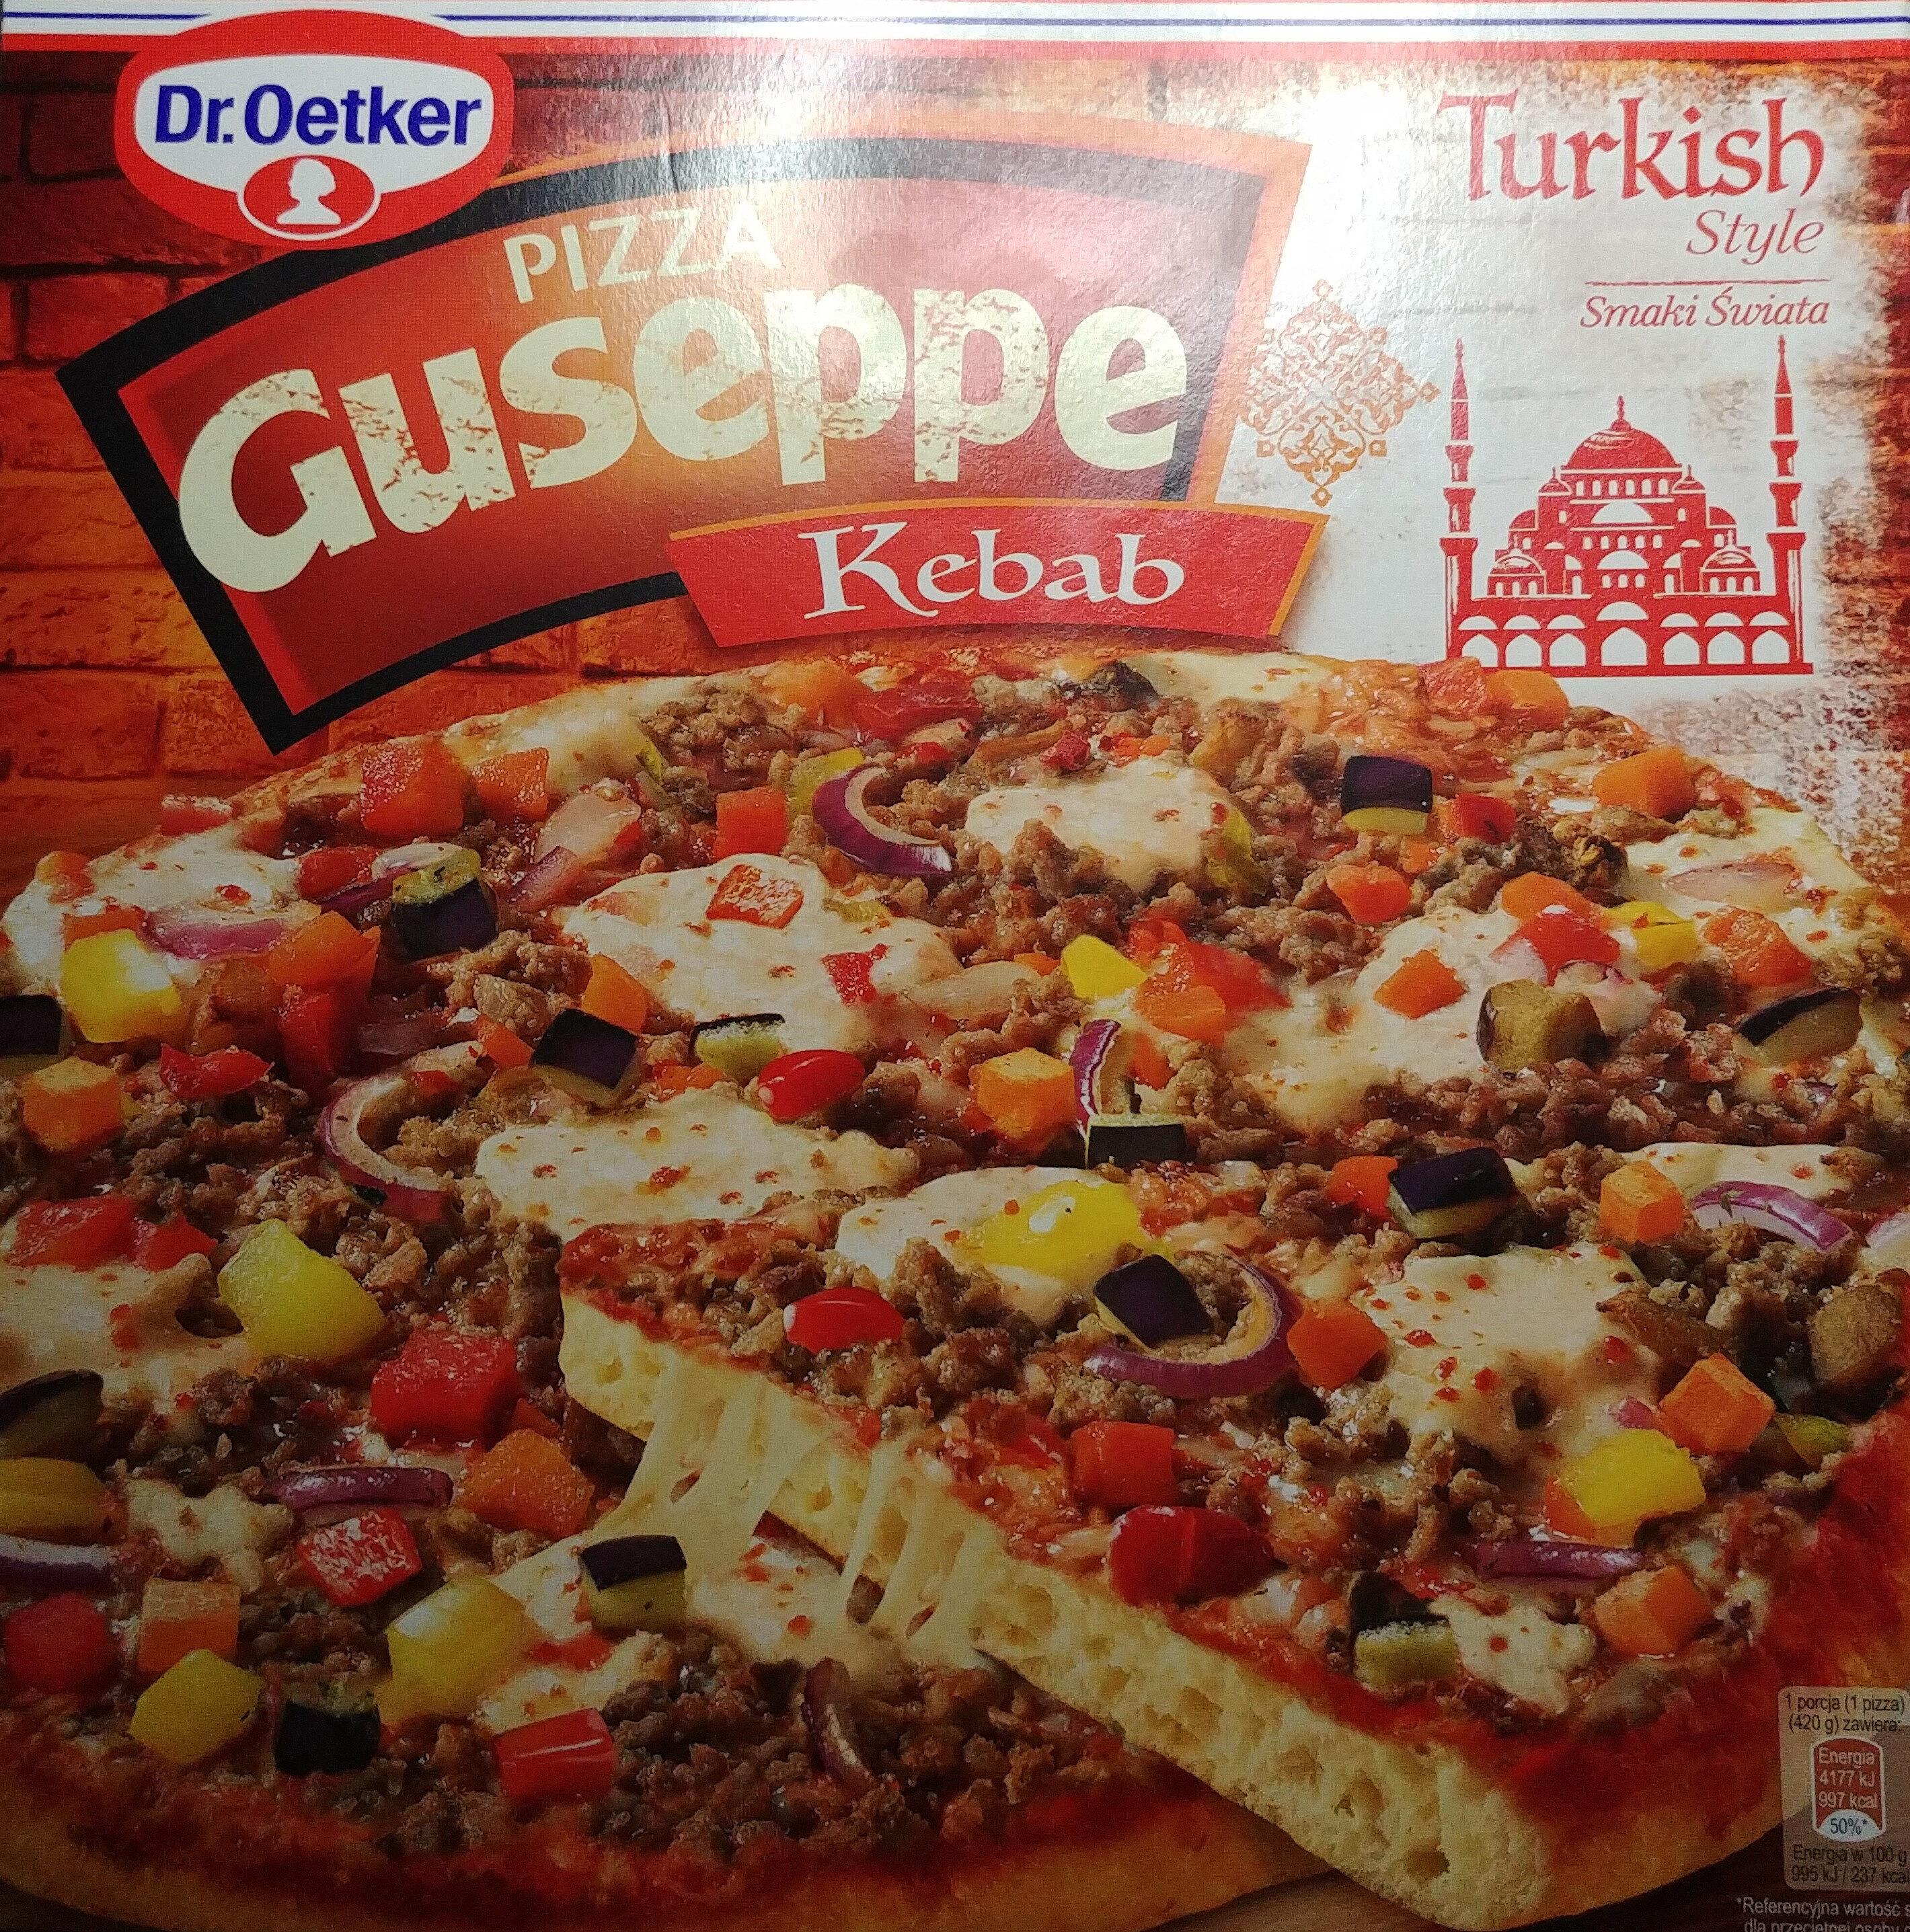 Pizza Guseppe z mięsem wołowym i warzywami, głęboko mrożona - Produkt - pl